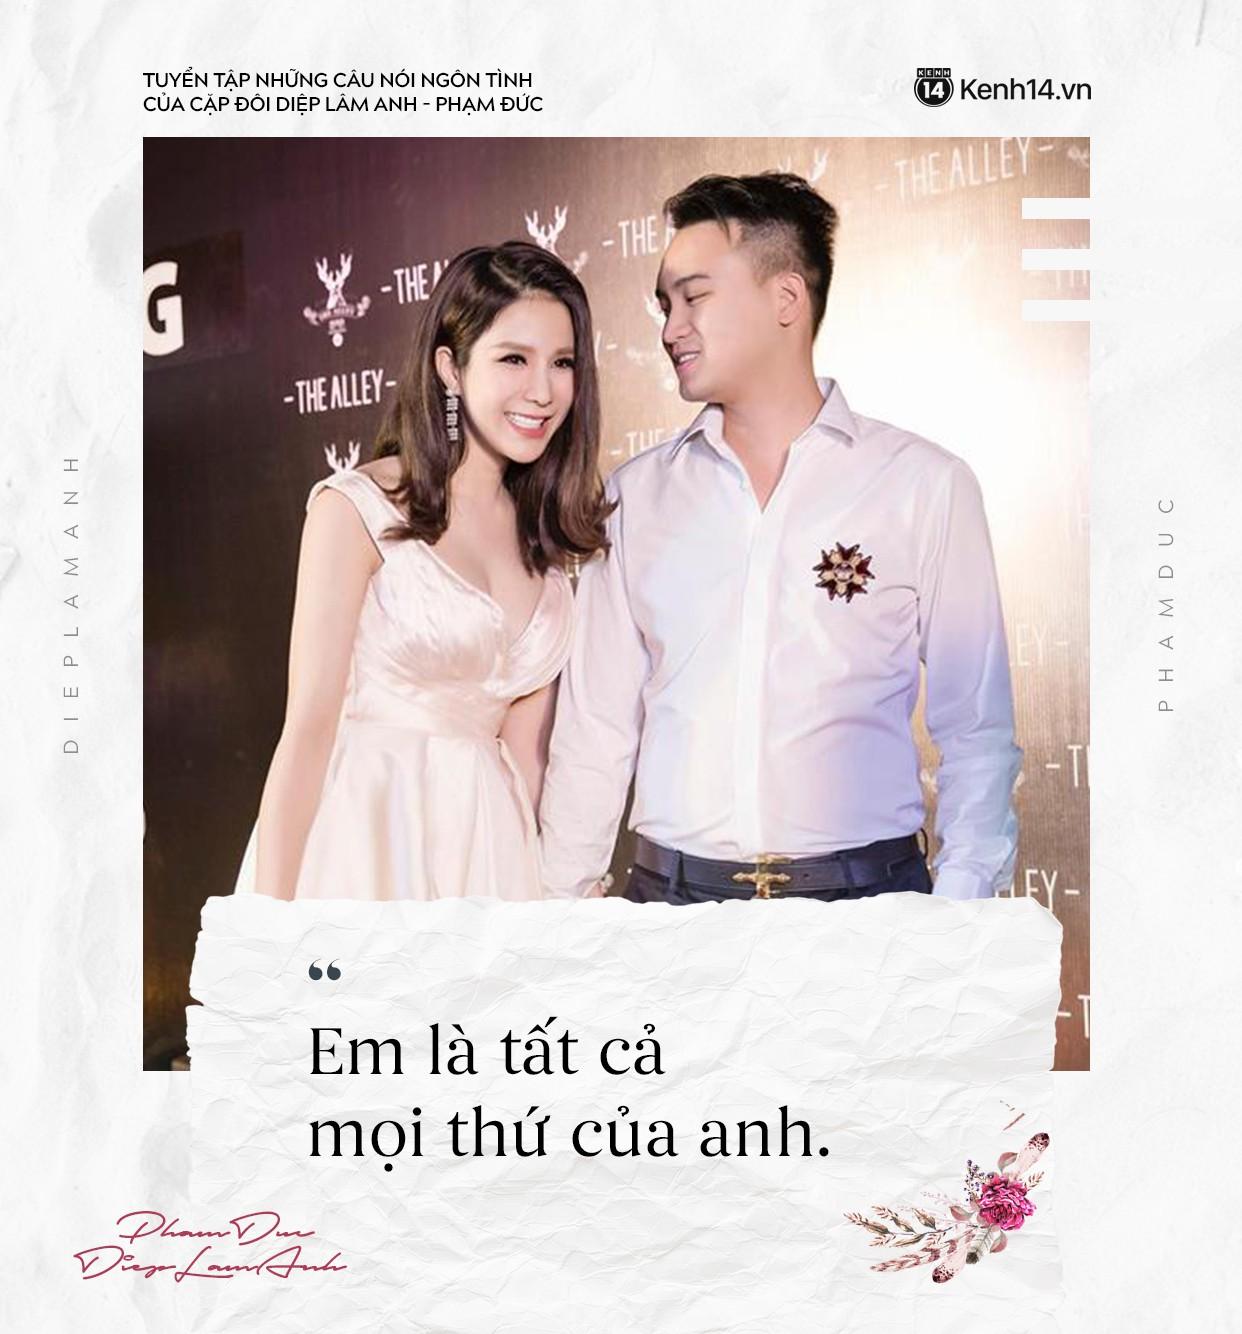 Loạt câu nói ngôn tình của chồng Diệp Lâm Anh khiến trái tim các chị em thổn thức - Ảnh 2.